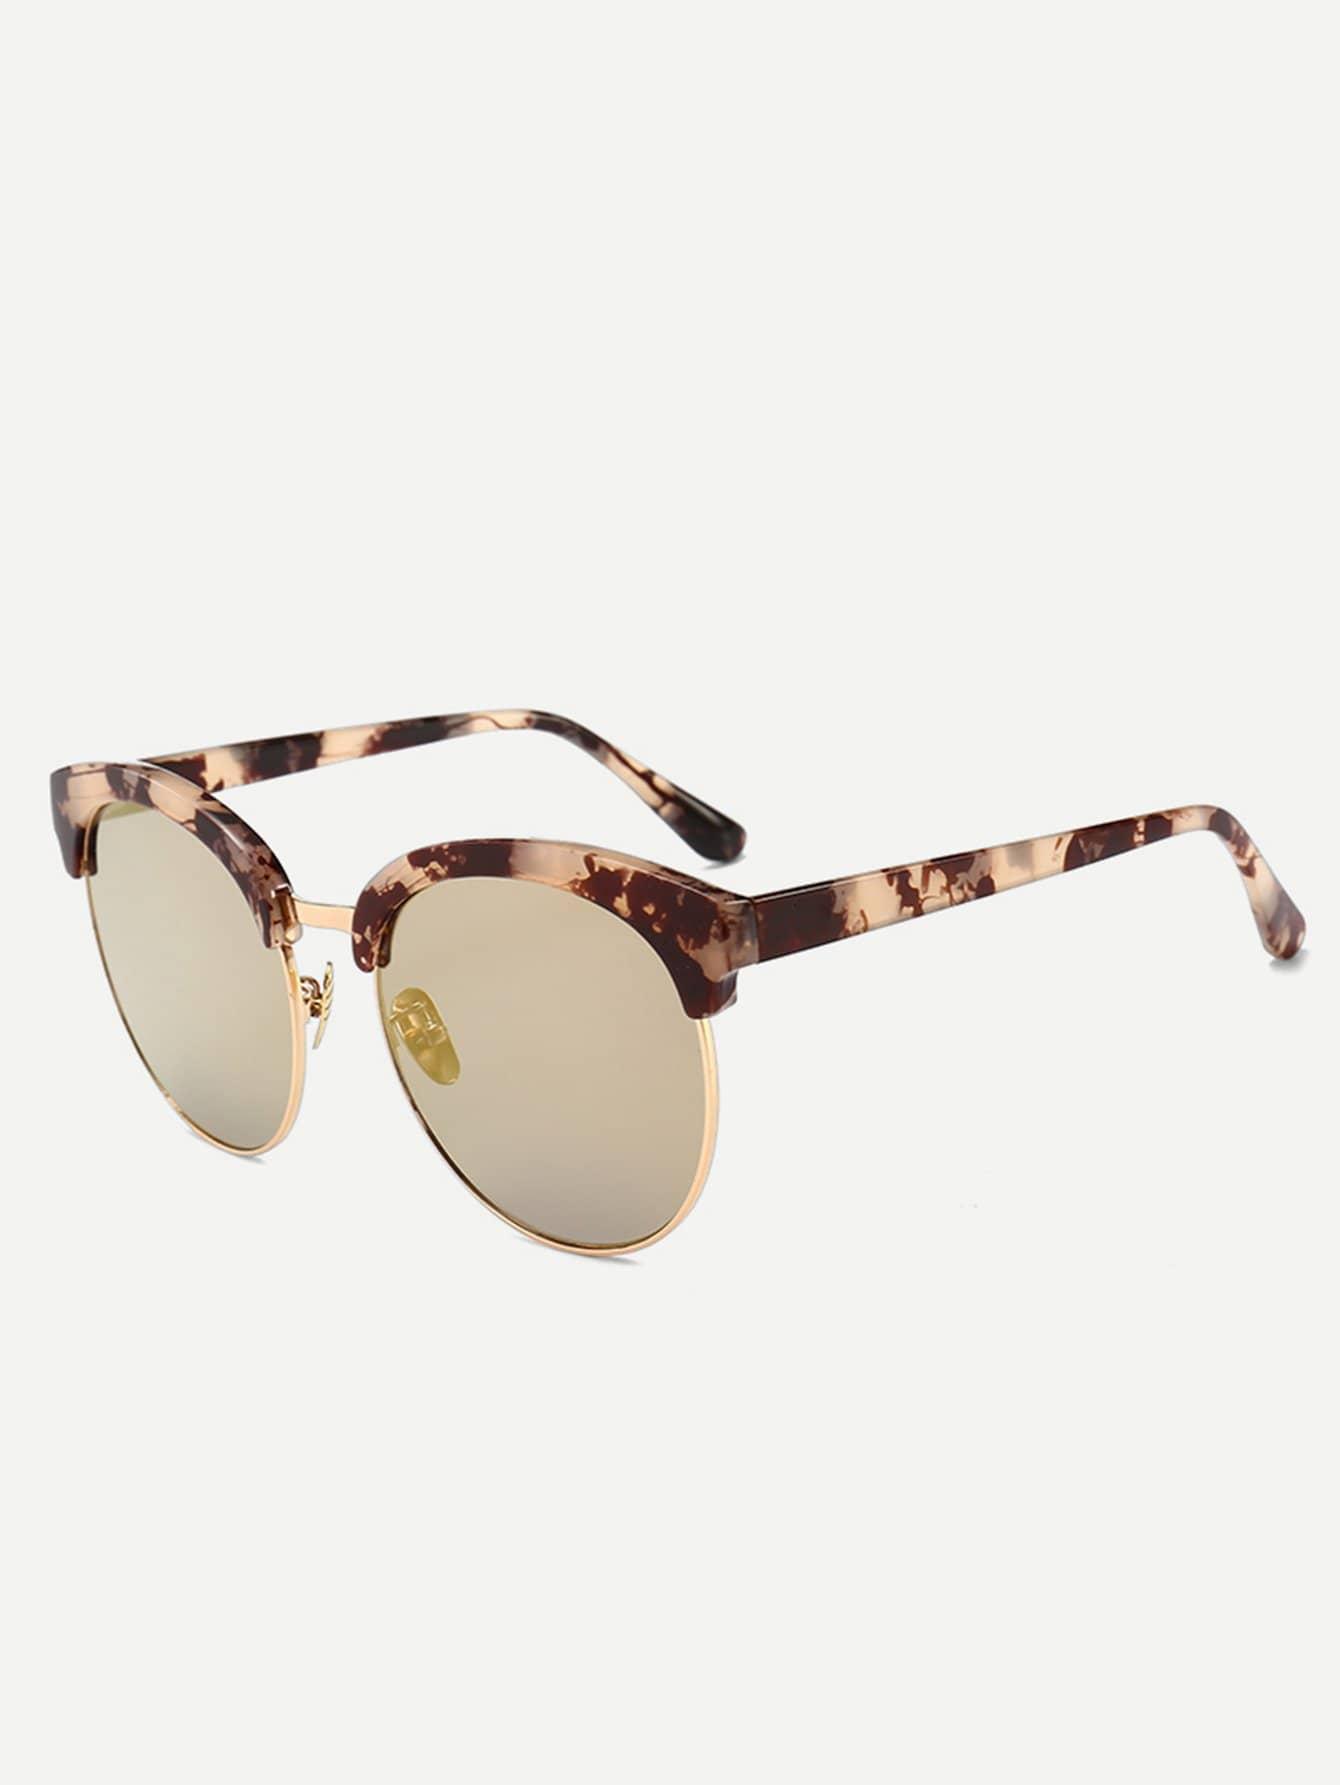 Sonnenbrille mit Marmormuster auf dem Rahmen und Spiegel Linse ...